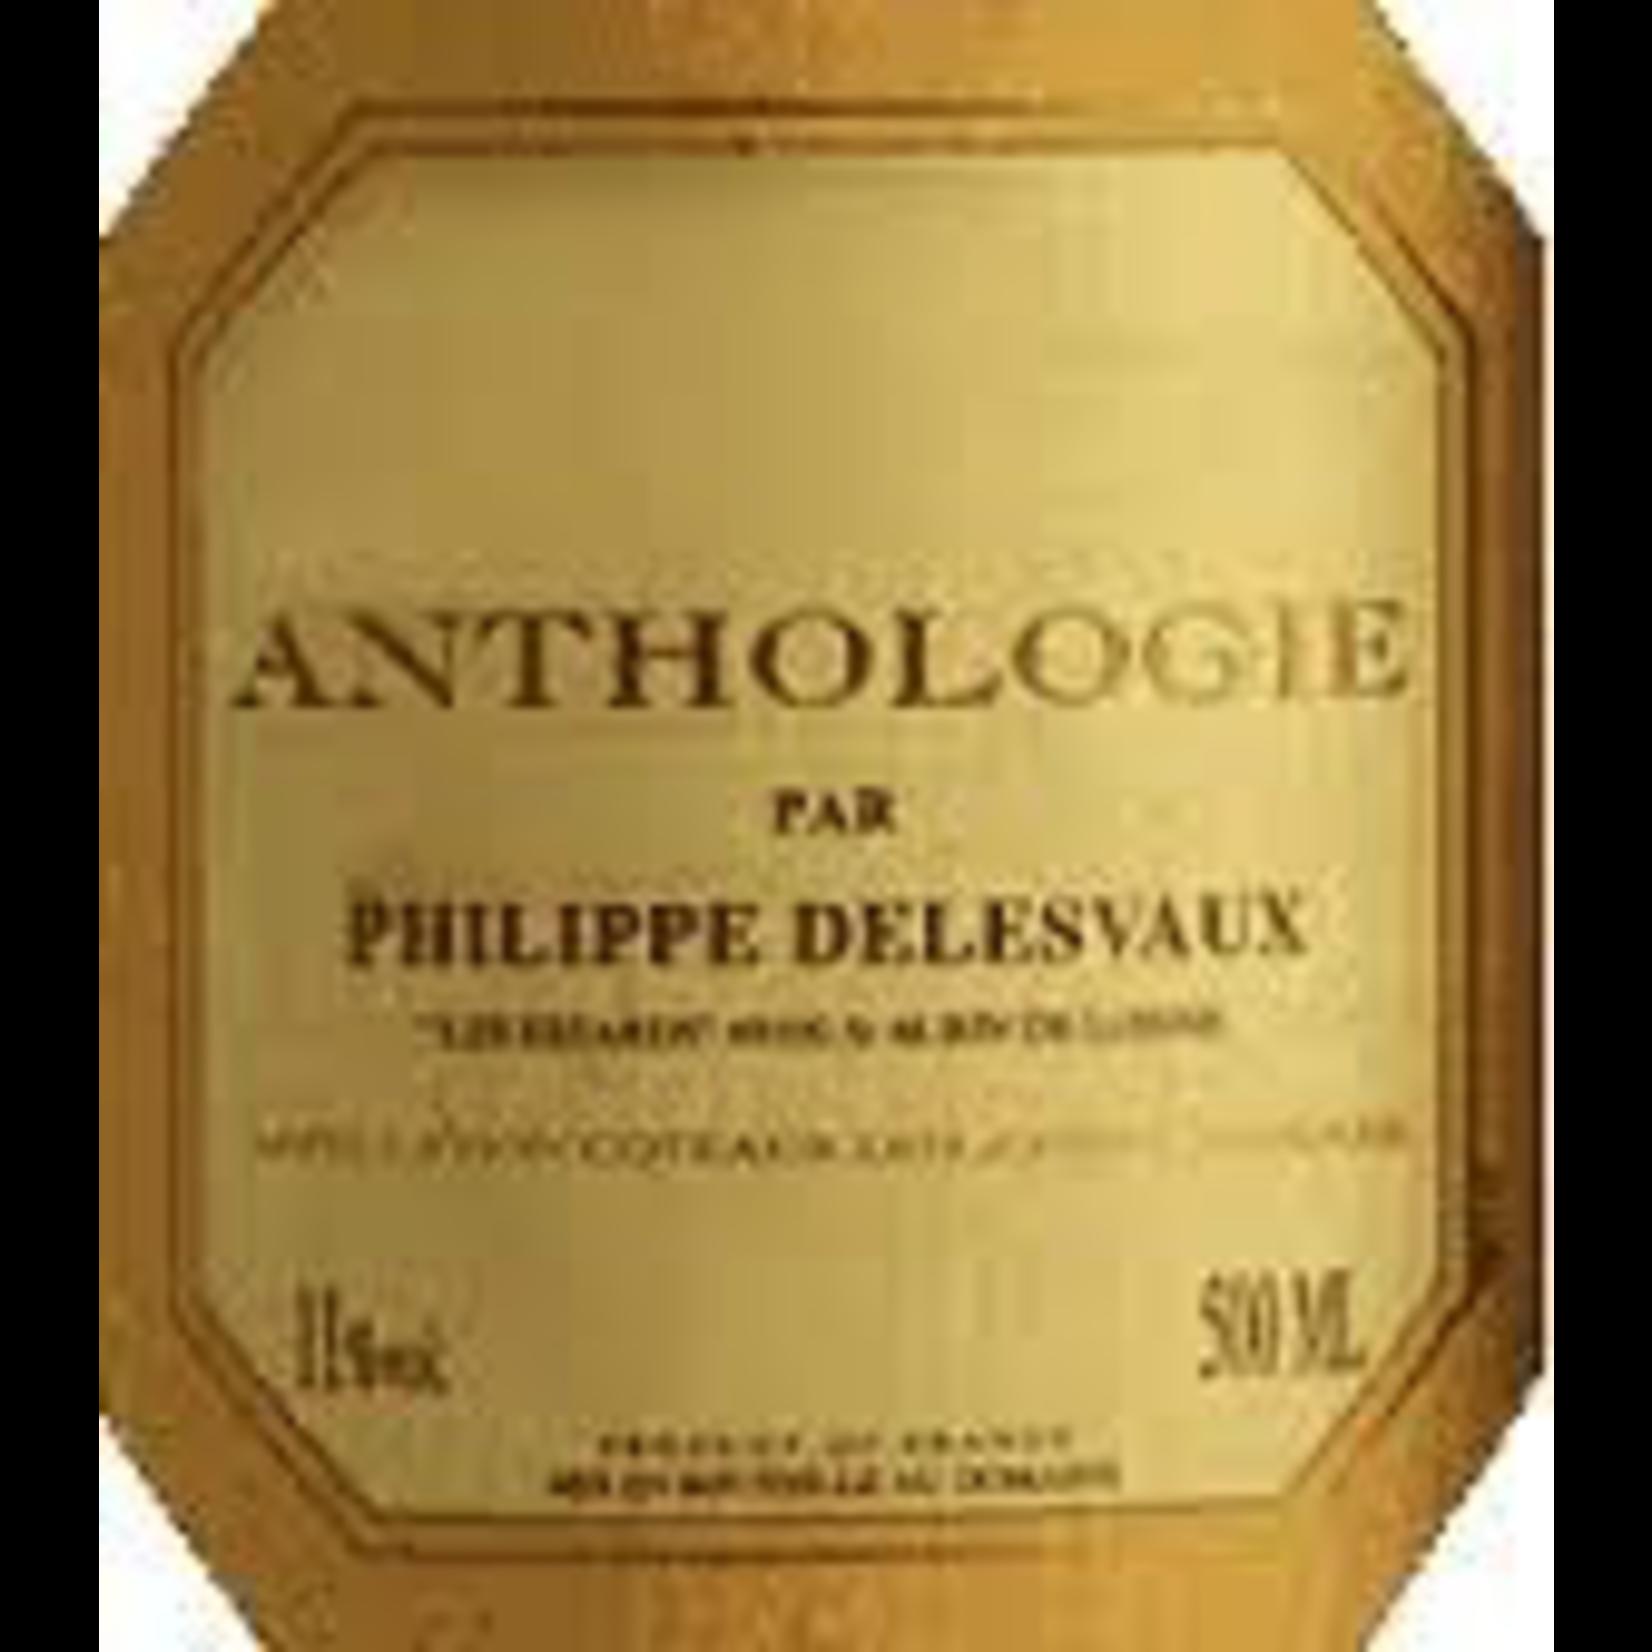 Philippe Delesvaux Anthologie 1996 500ml